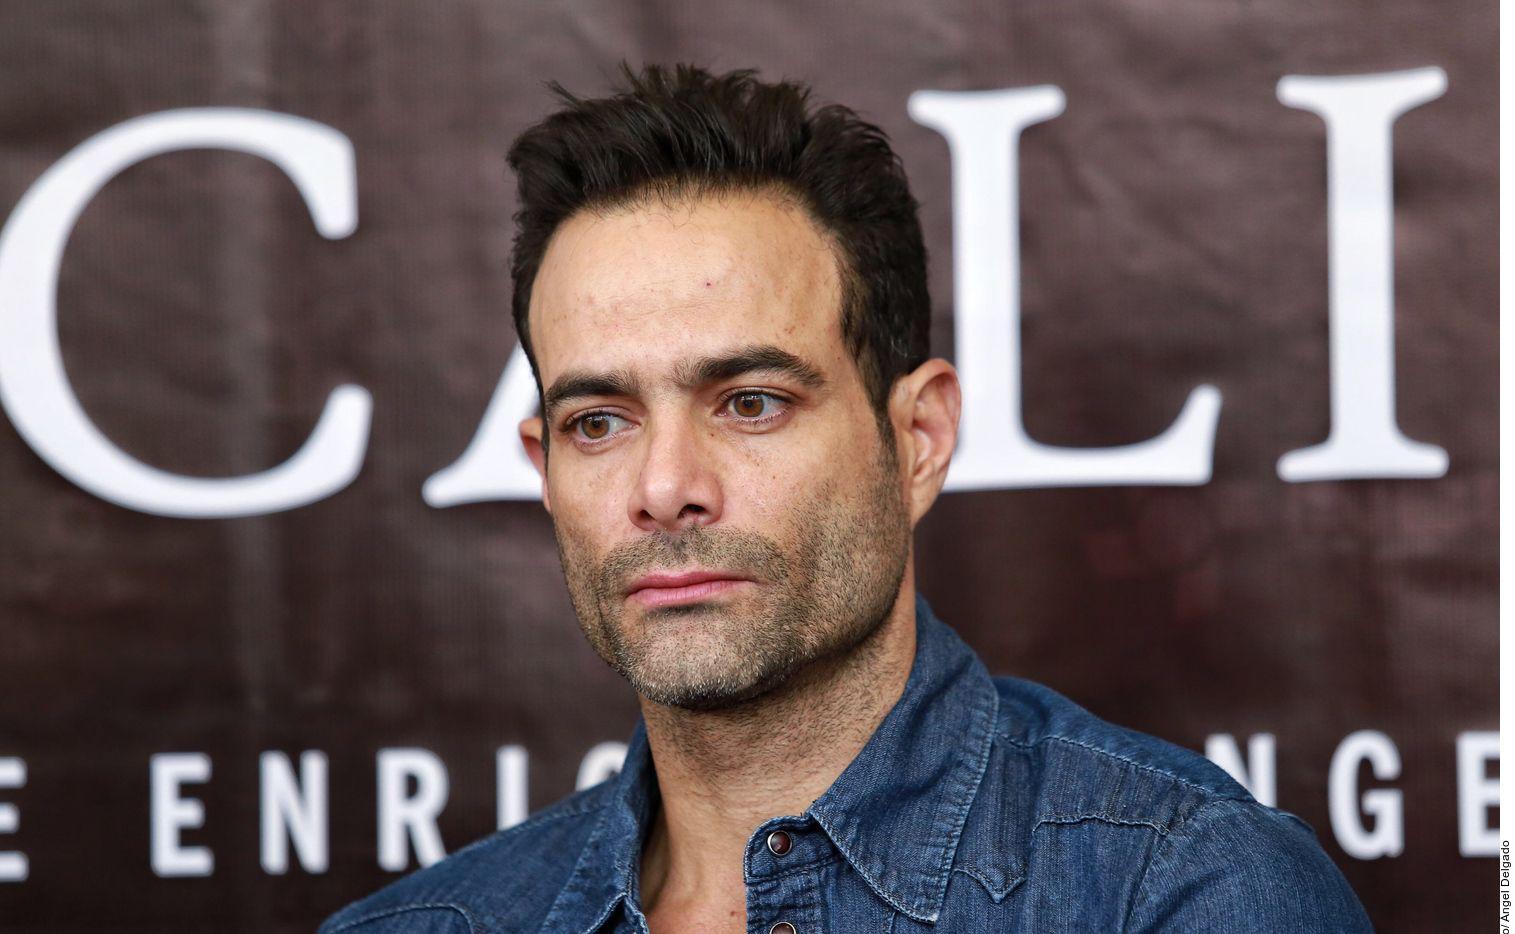 Hace 25 años Luis Roberto Guzmán llegó a México con la ilusión de contar historias como actor.